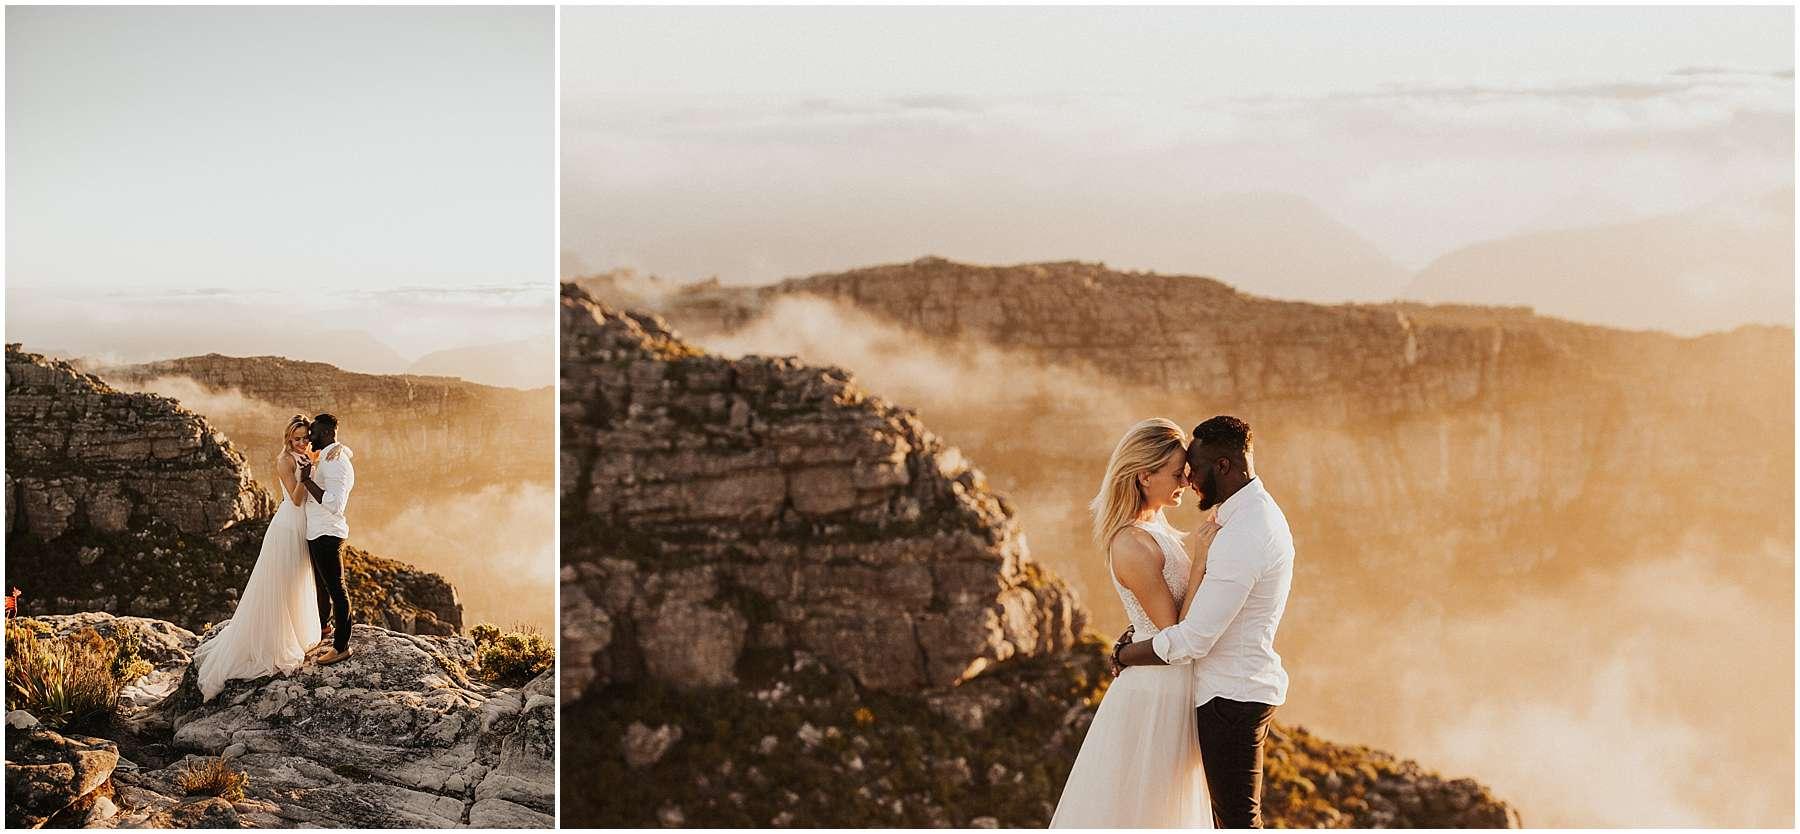 LOTTYH-South-Africa-Elopement-Photographer_0017.jpg